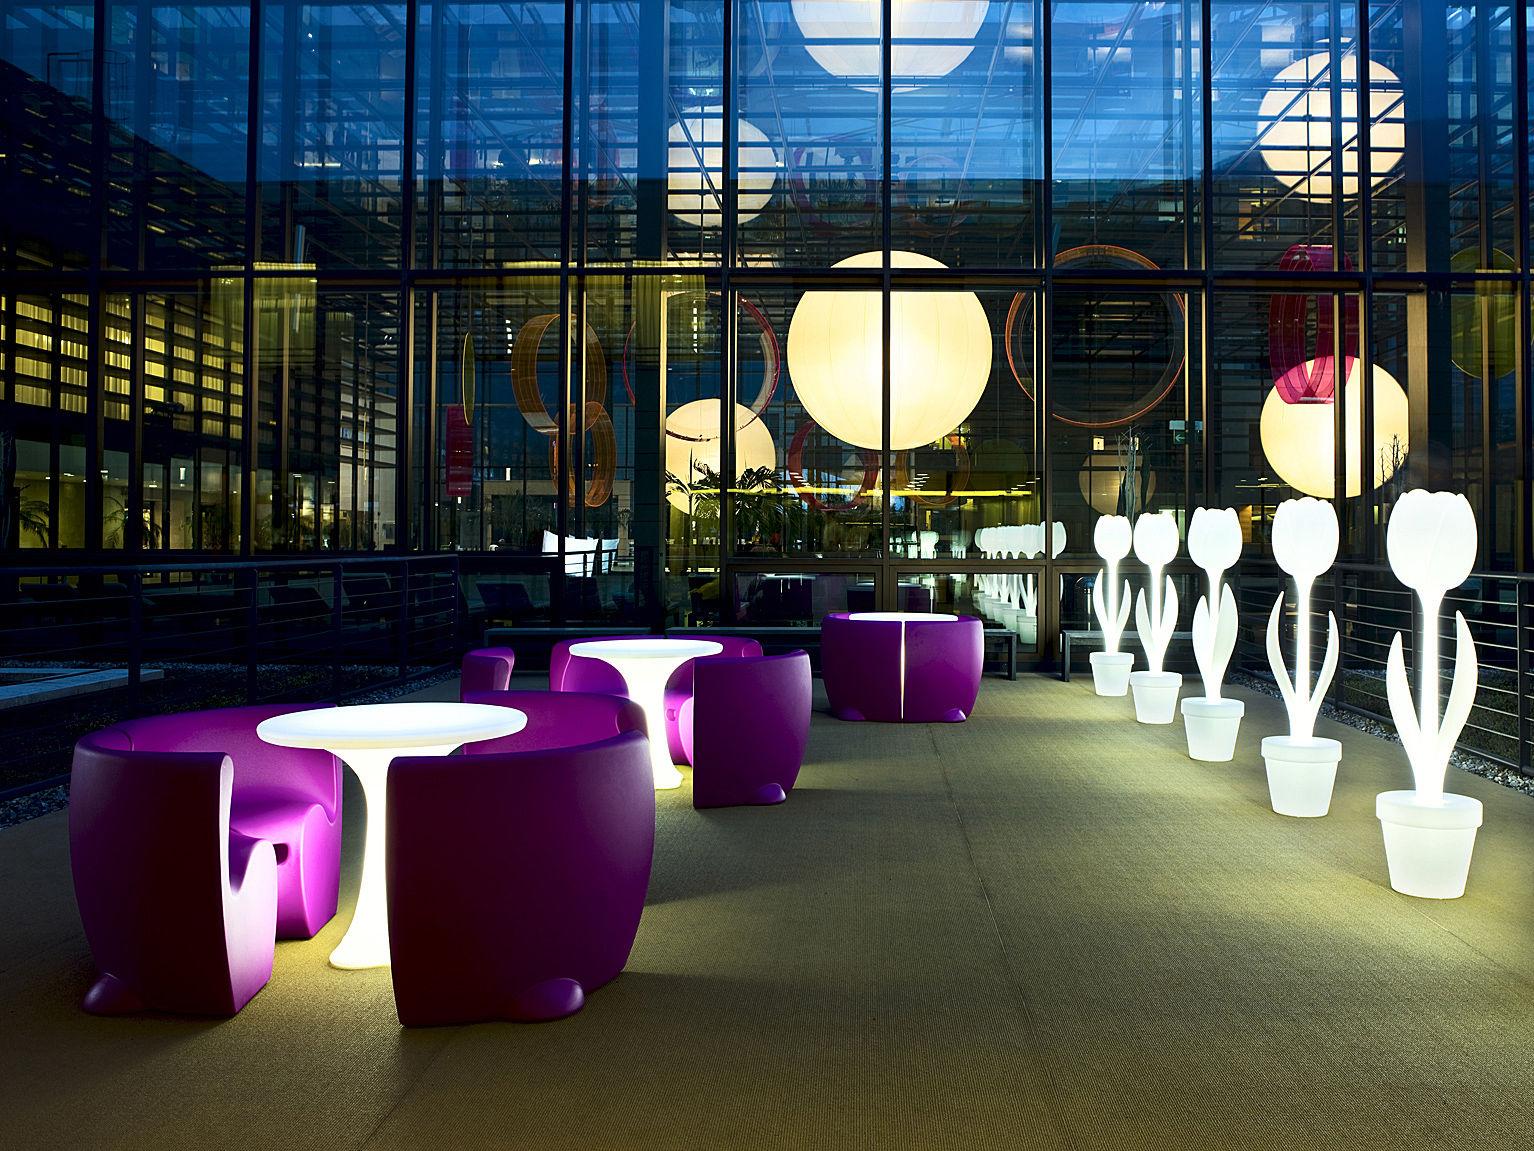 40 H Myyour Cm Table Led Pour L'intérieur De Tulip Lampe J5F1c3lKuT